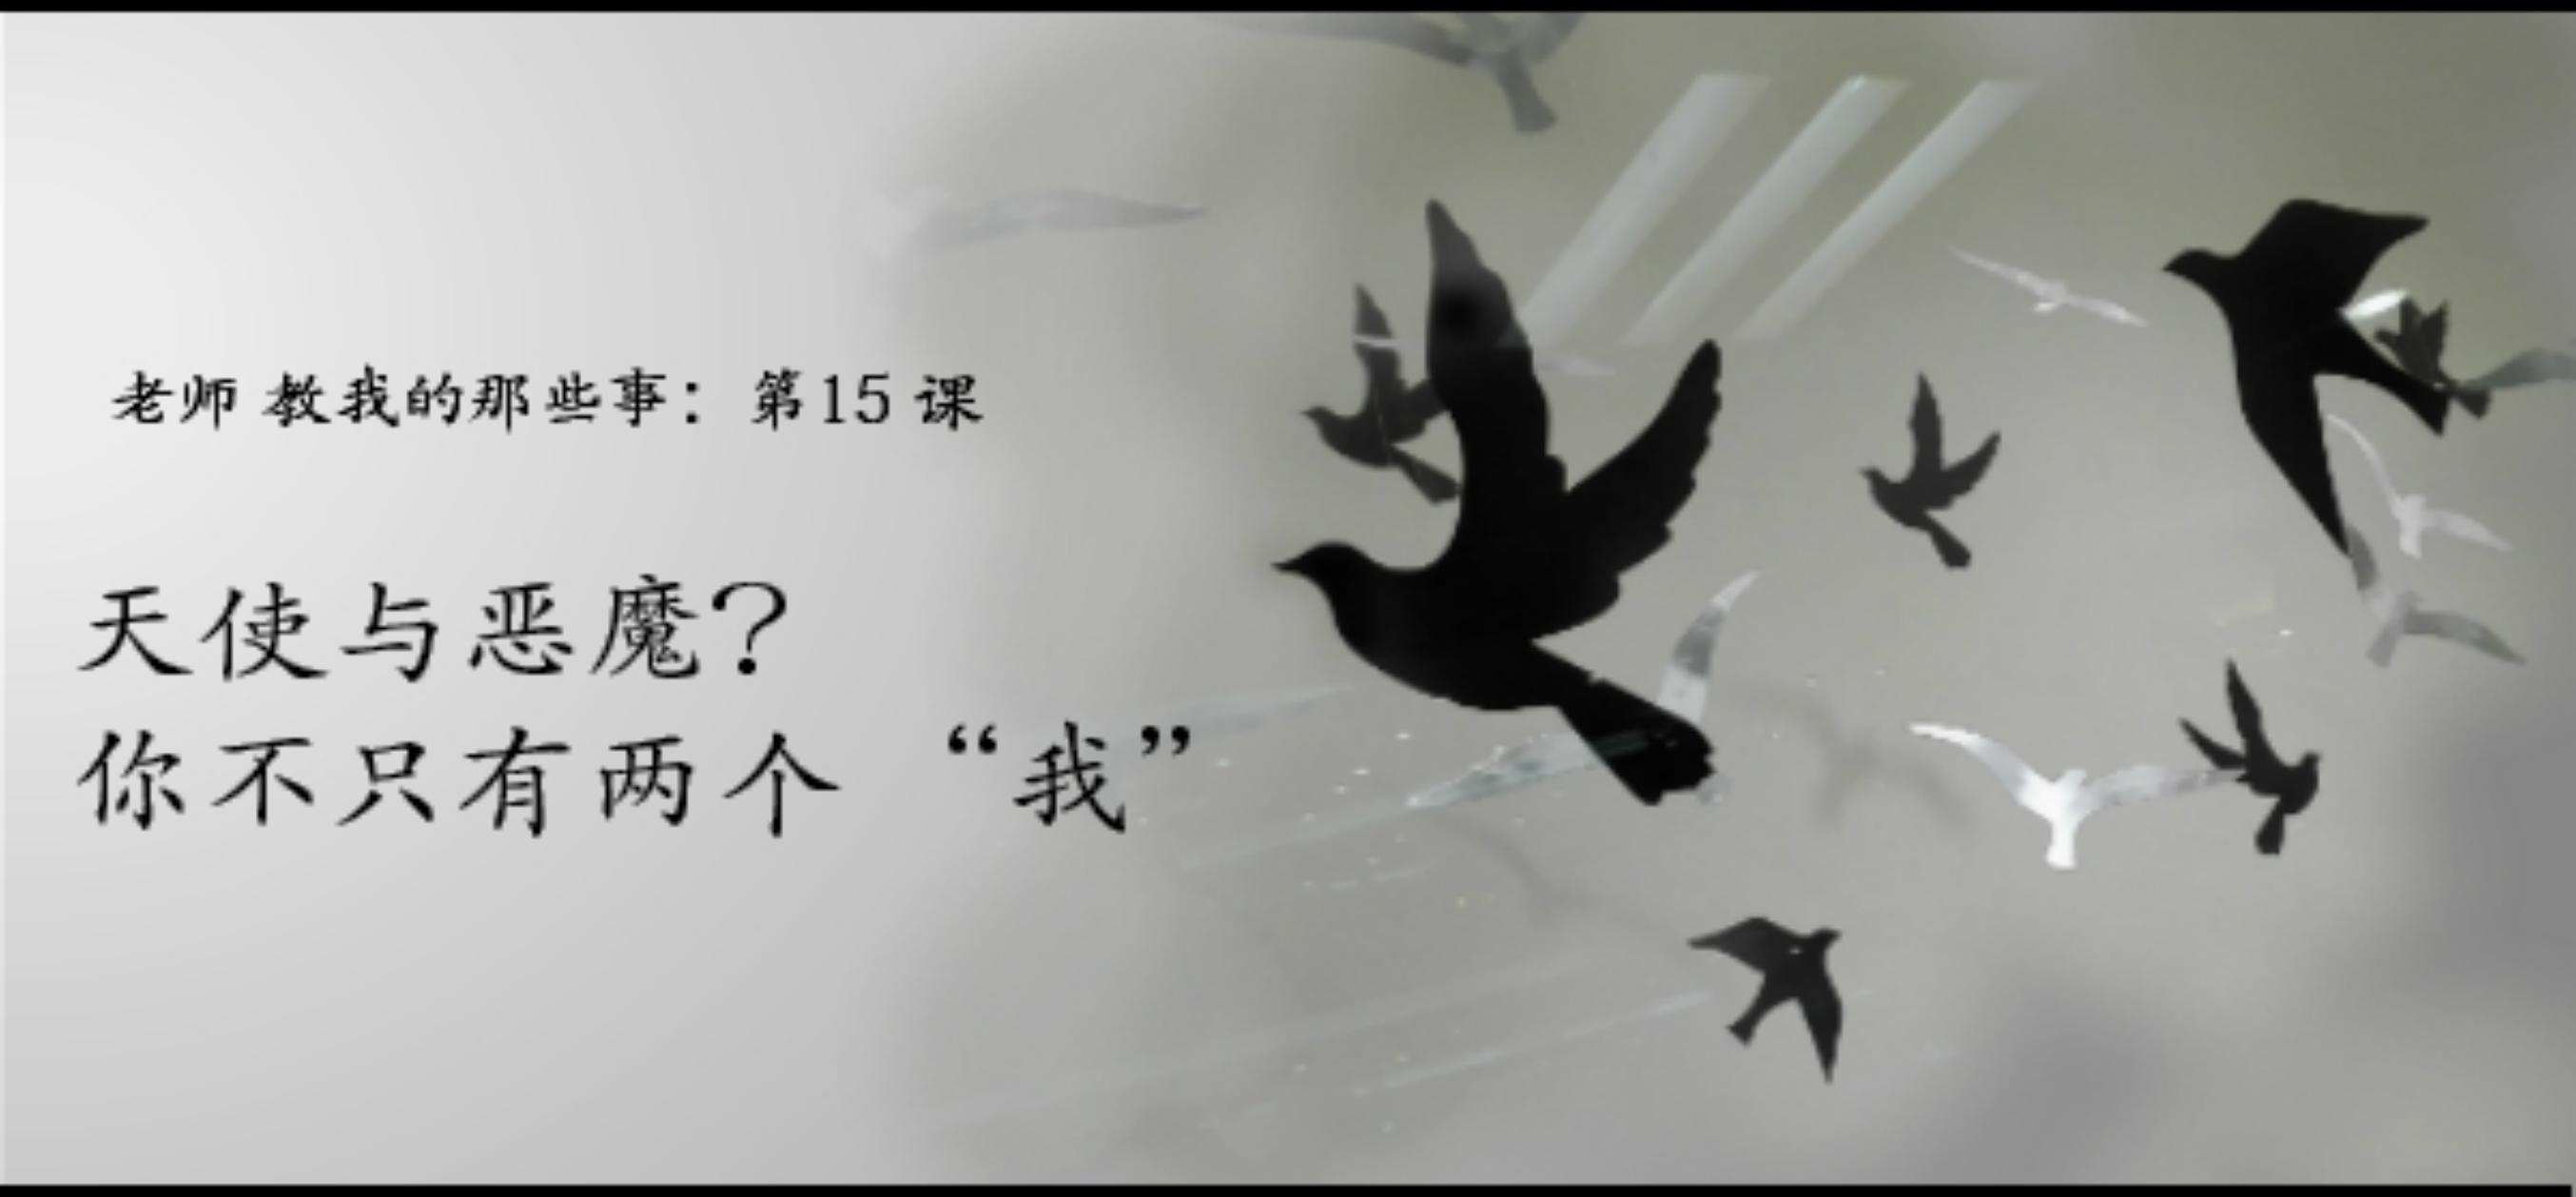 """第15课 :天使与恶魔?你不只有两个""""我"""""""